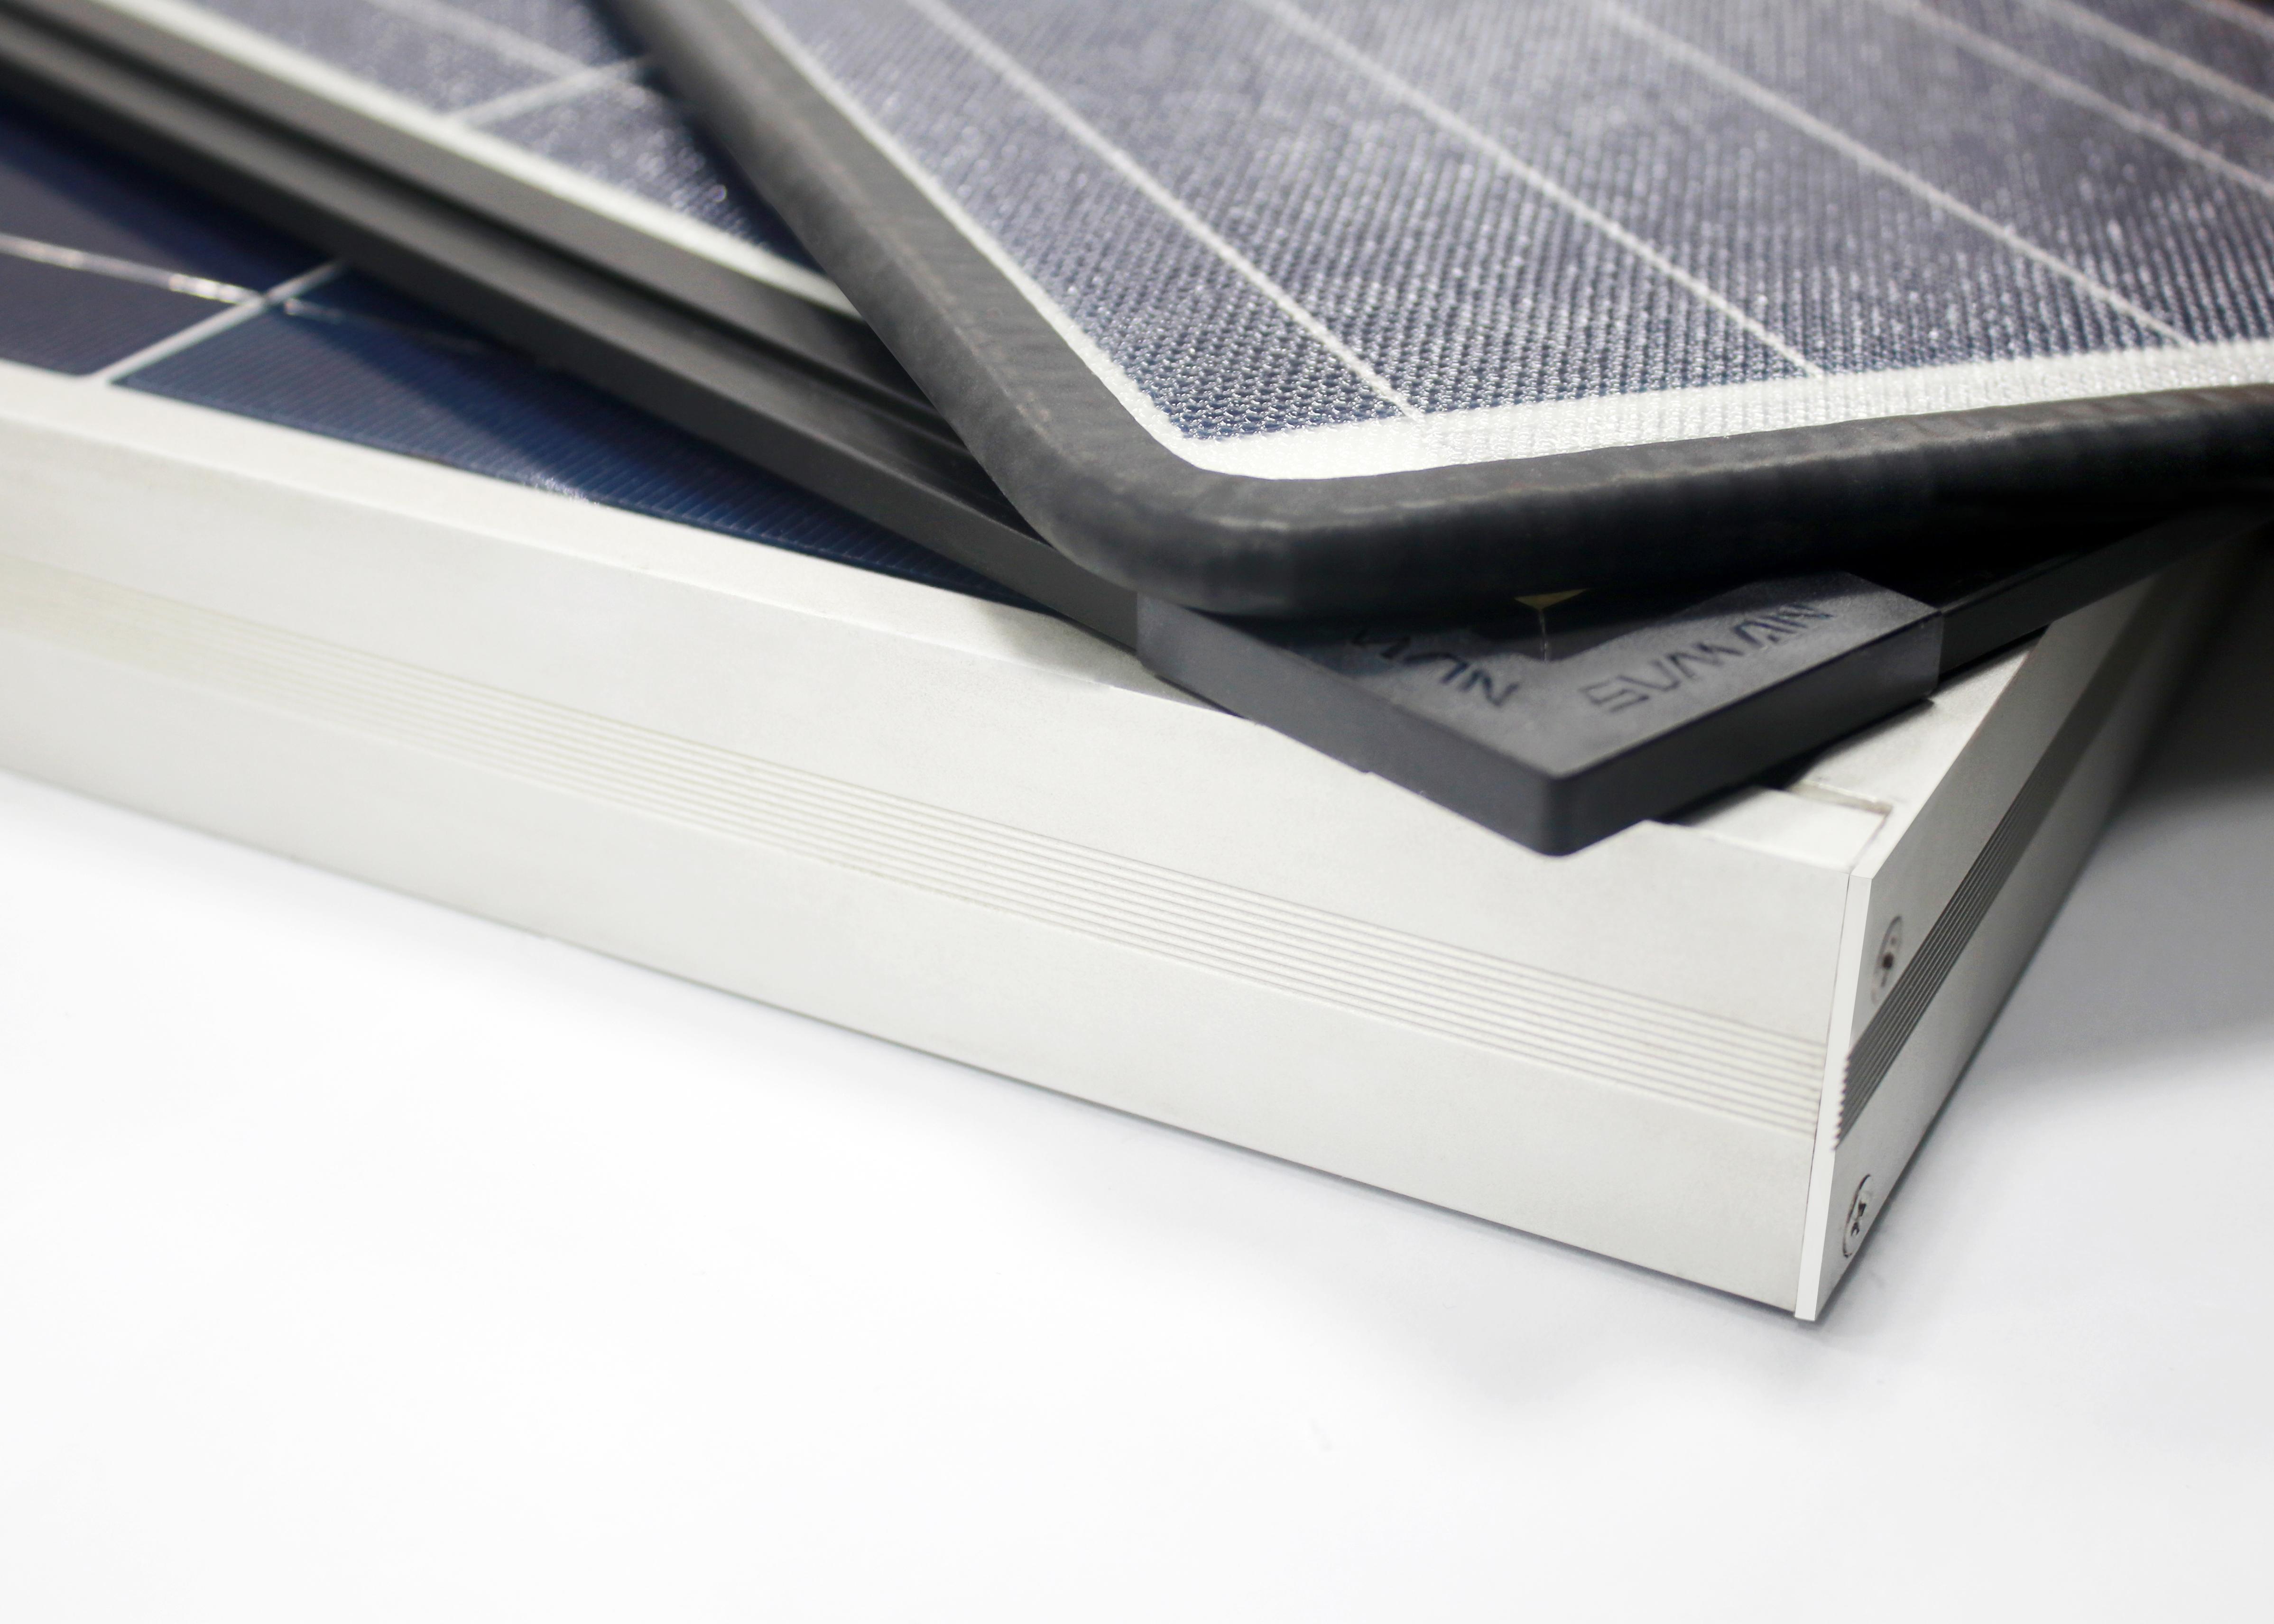 """myCleantechSolarPower™ - PV-Pannel für eine Solaranlage (Dach, Carport oder Fassade) """"Selbstmontage / Selbstbau - do it yourself"""" oder Aufbau durch unsere Fachleute zum FIX PREIS ab..."""